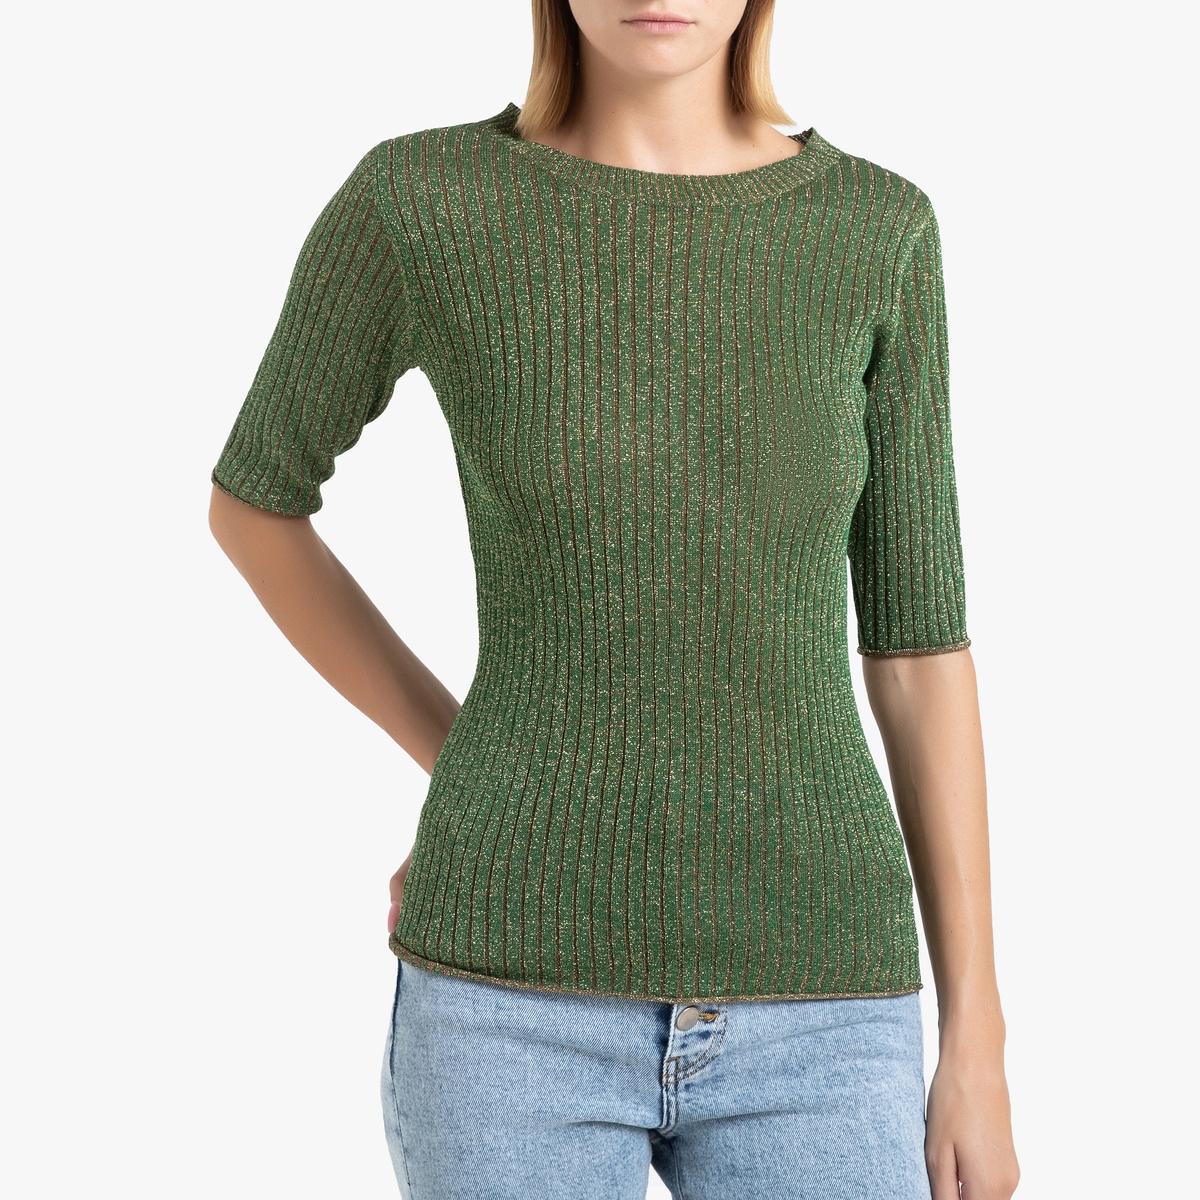 Пуловер La Redoute С круглым вырезом из блестящего трикотажа GLITTER 40 (FR) - 46 (RUS) зеленый